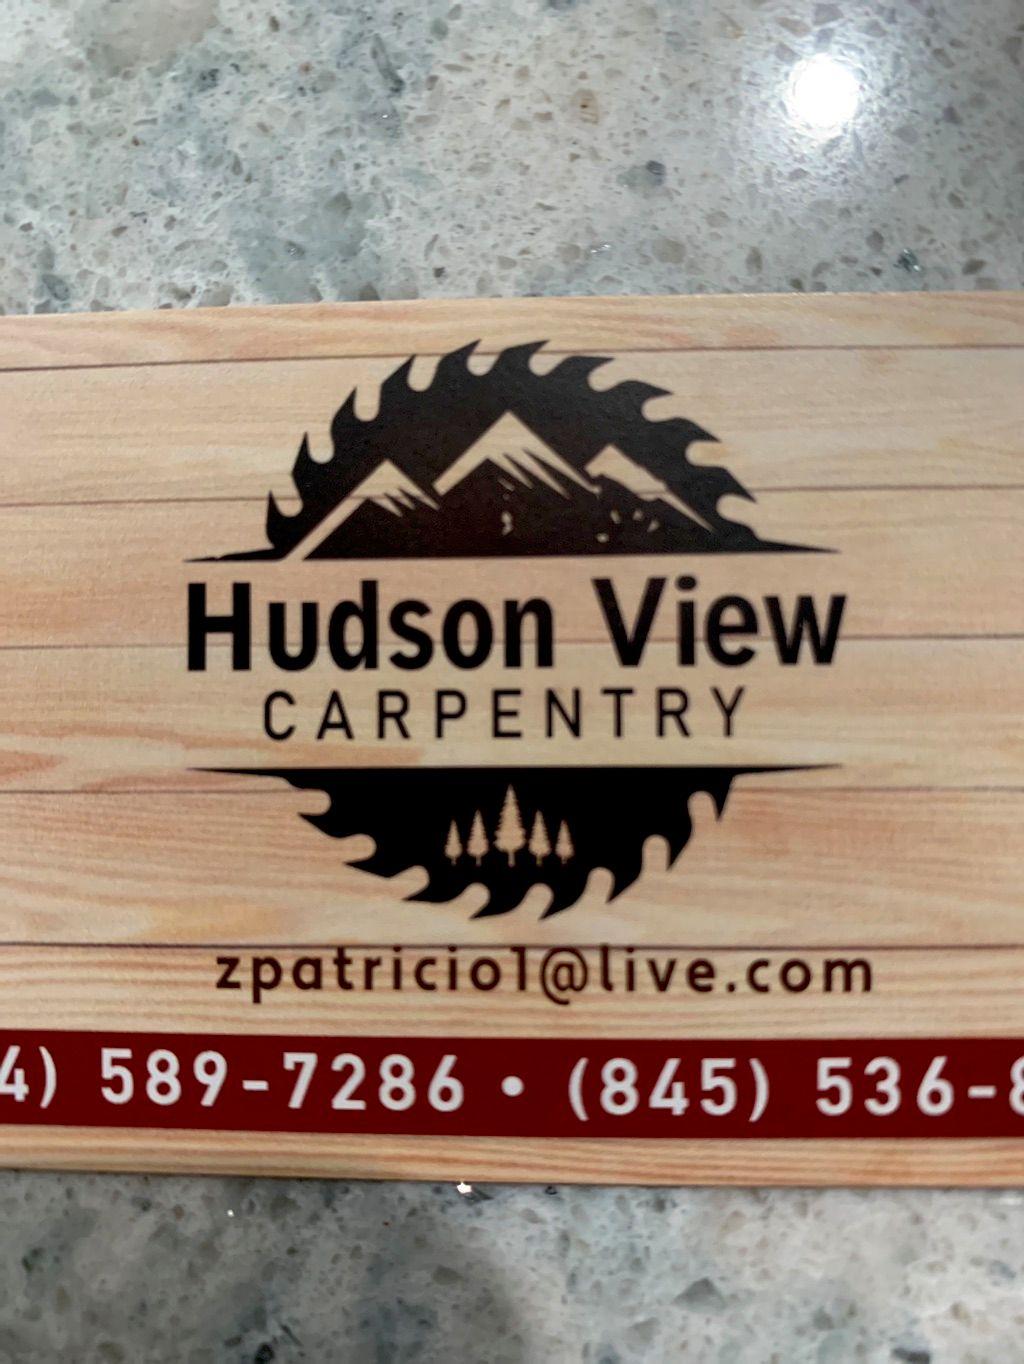 Hudsonview Carpentry